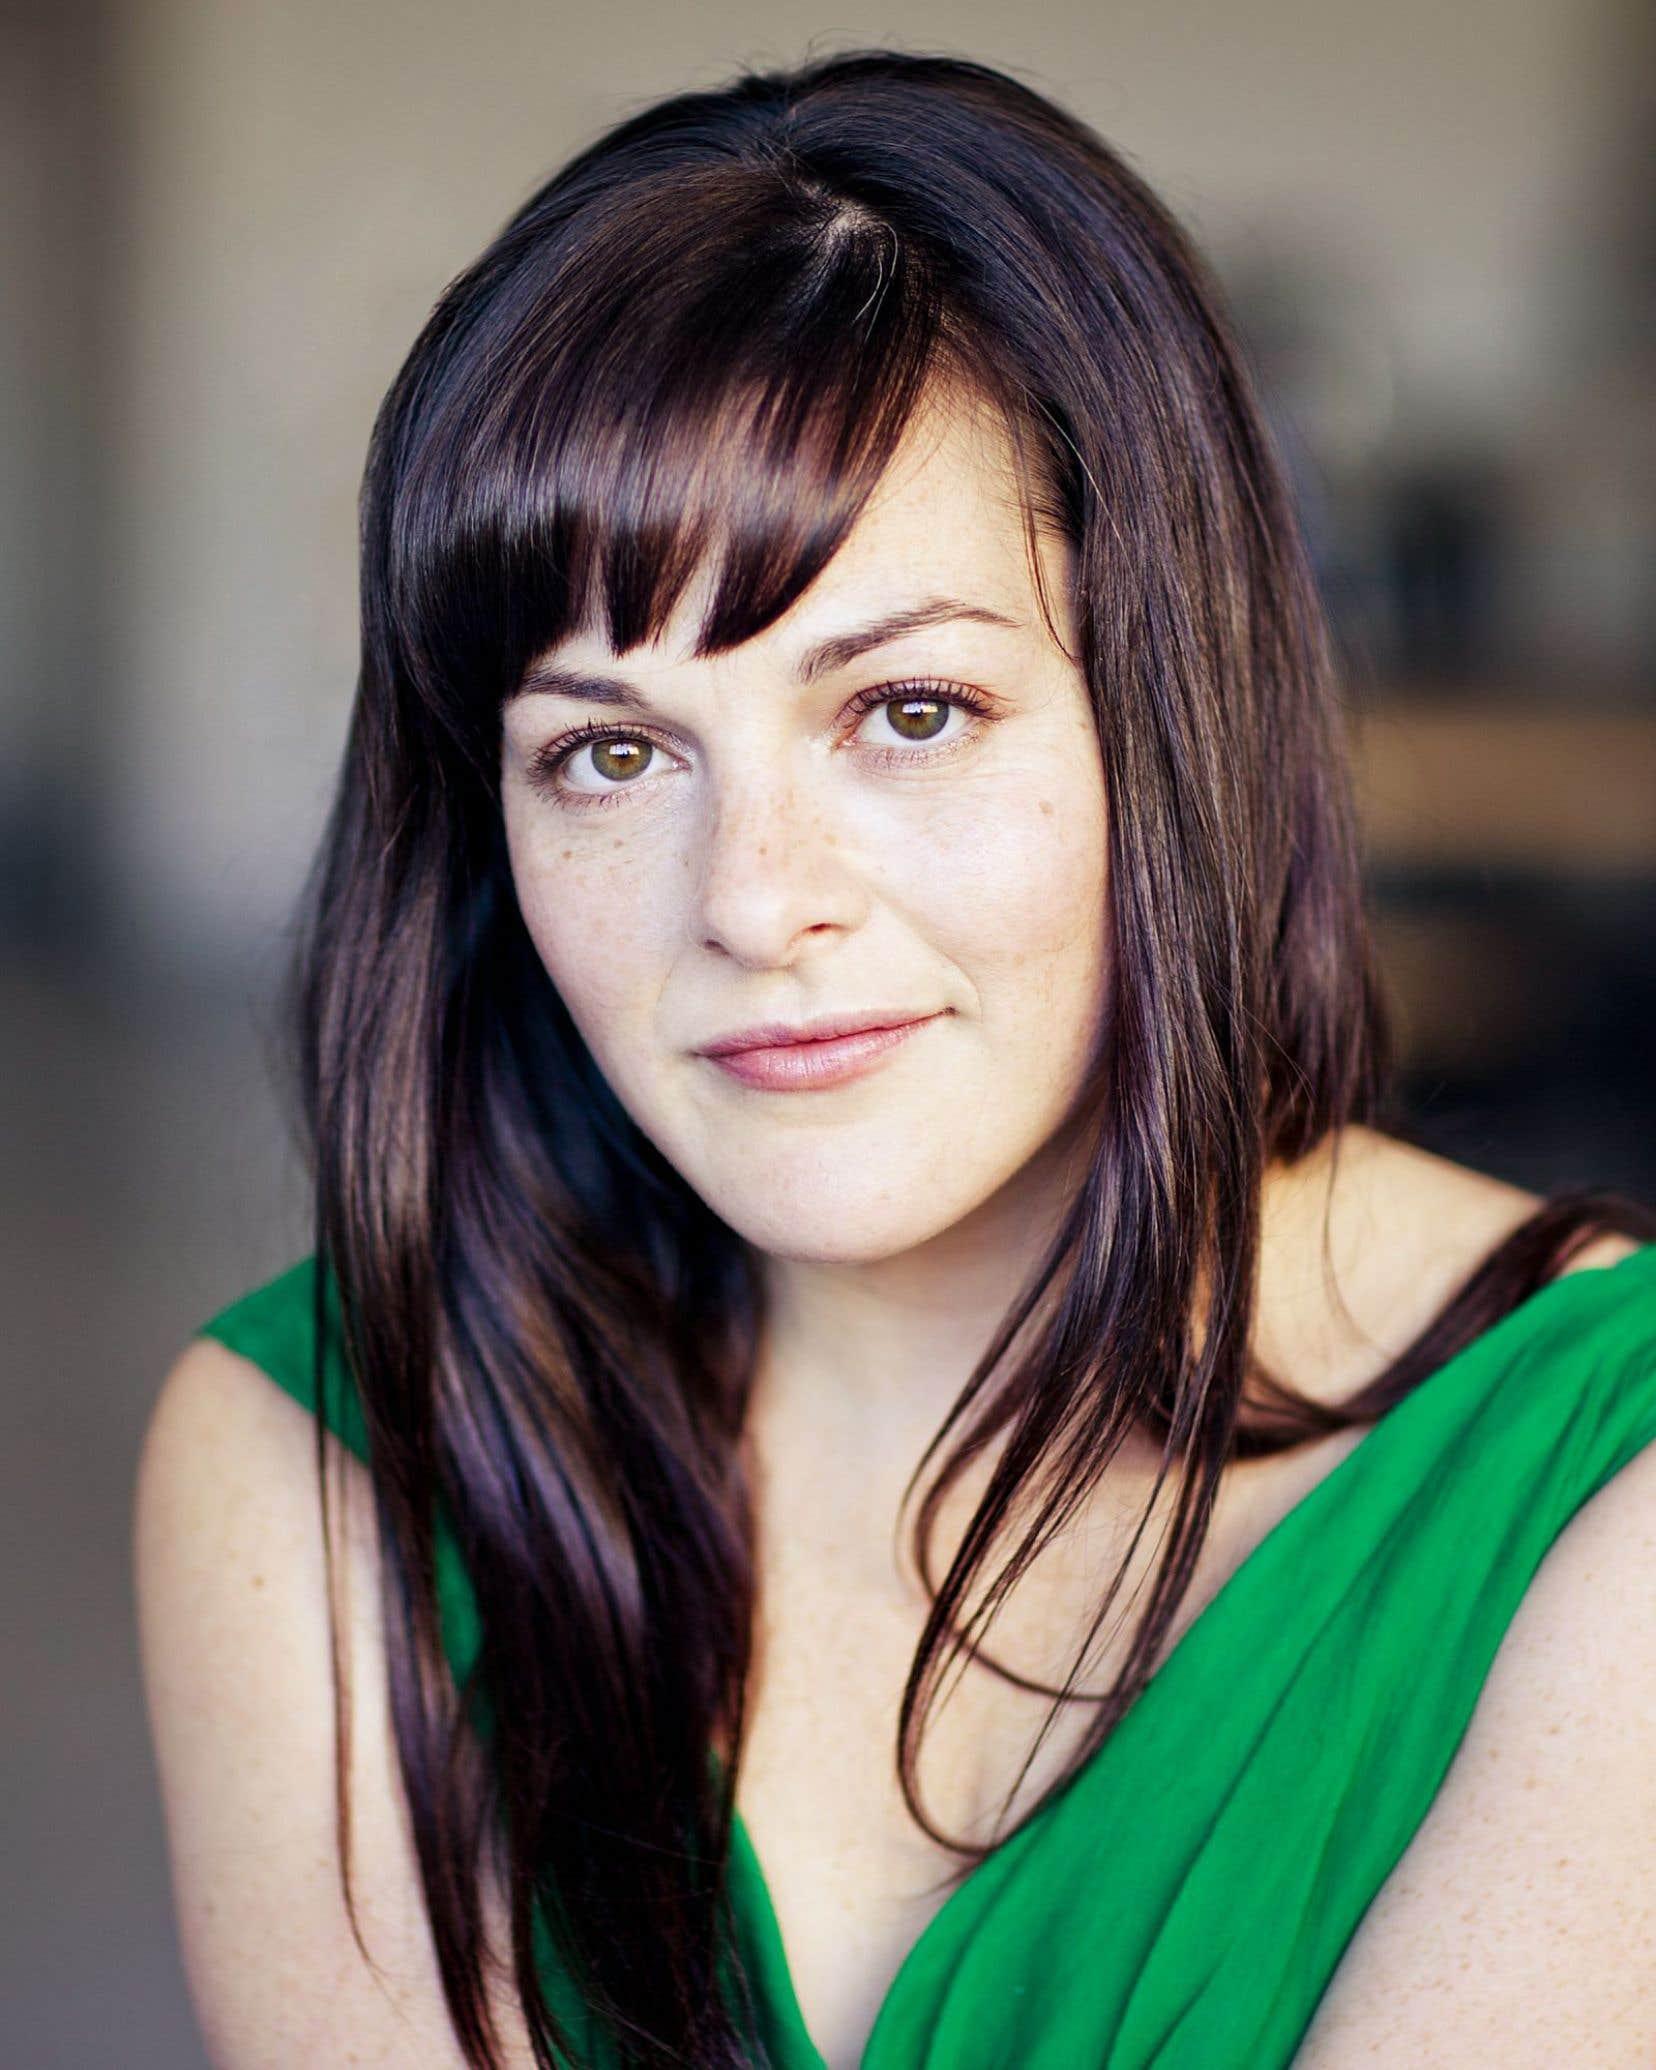 Sophie Cadieux explique que la motivation du projet est partie d'un questionnement sur l'amitié féminine.